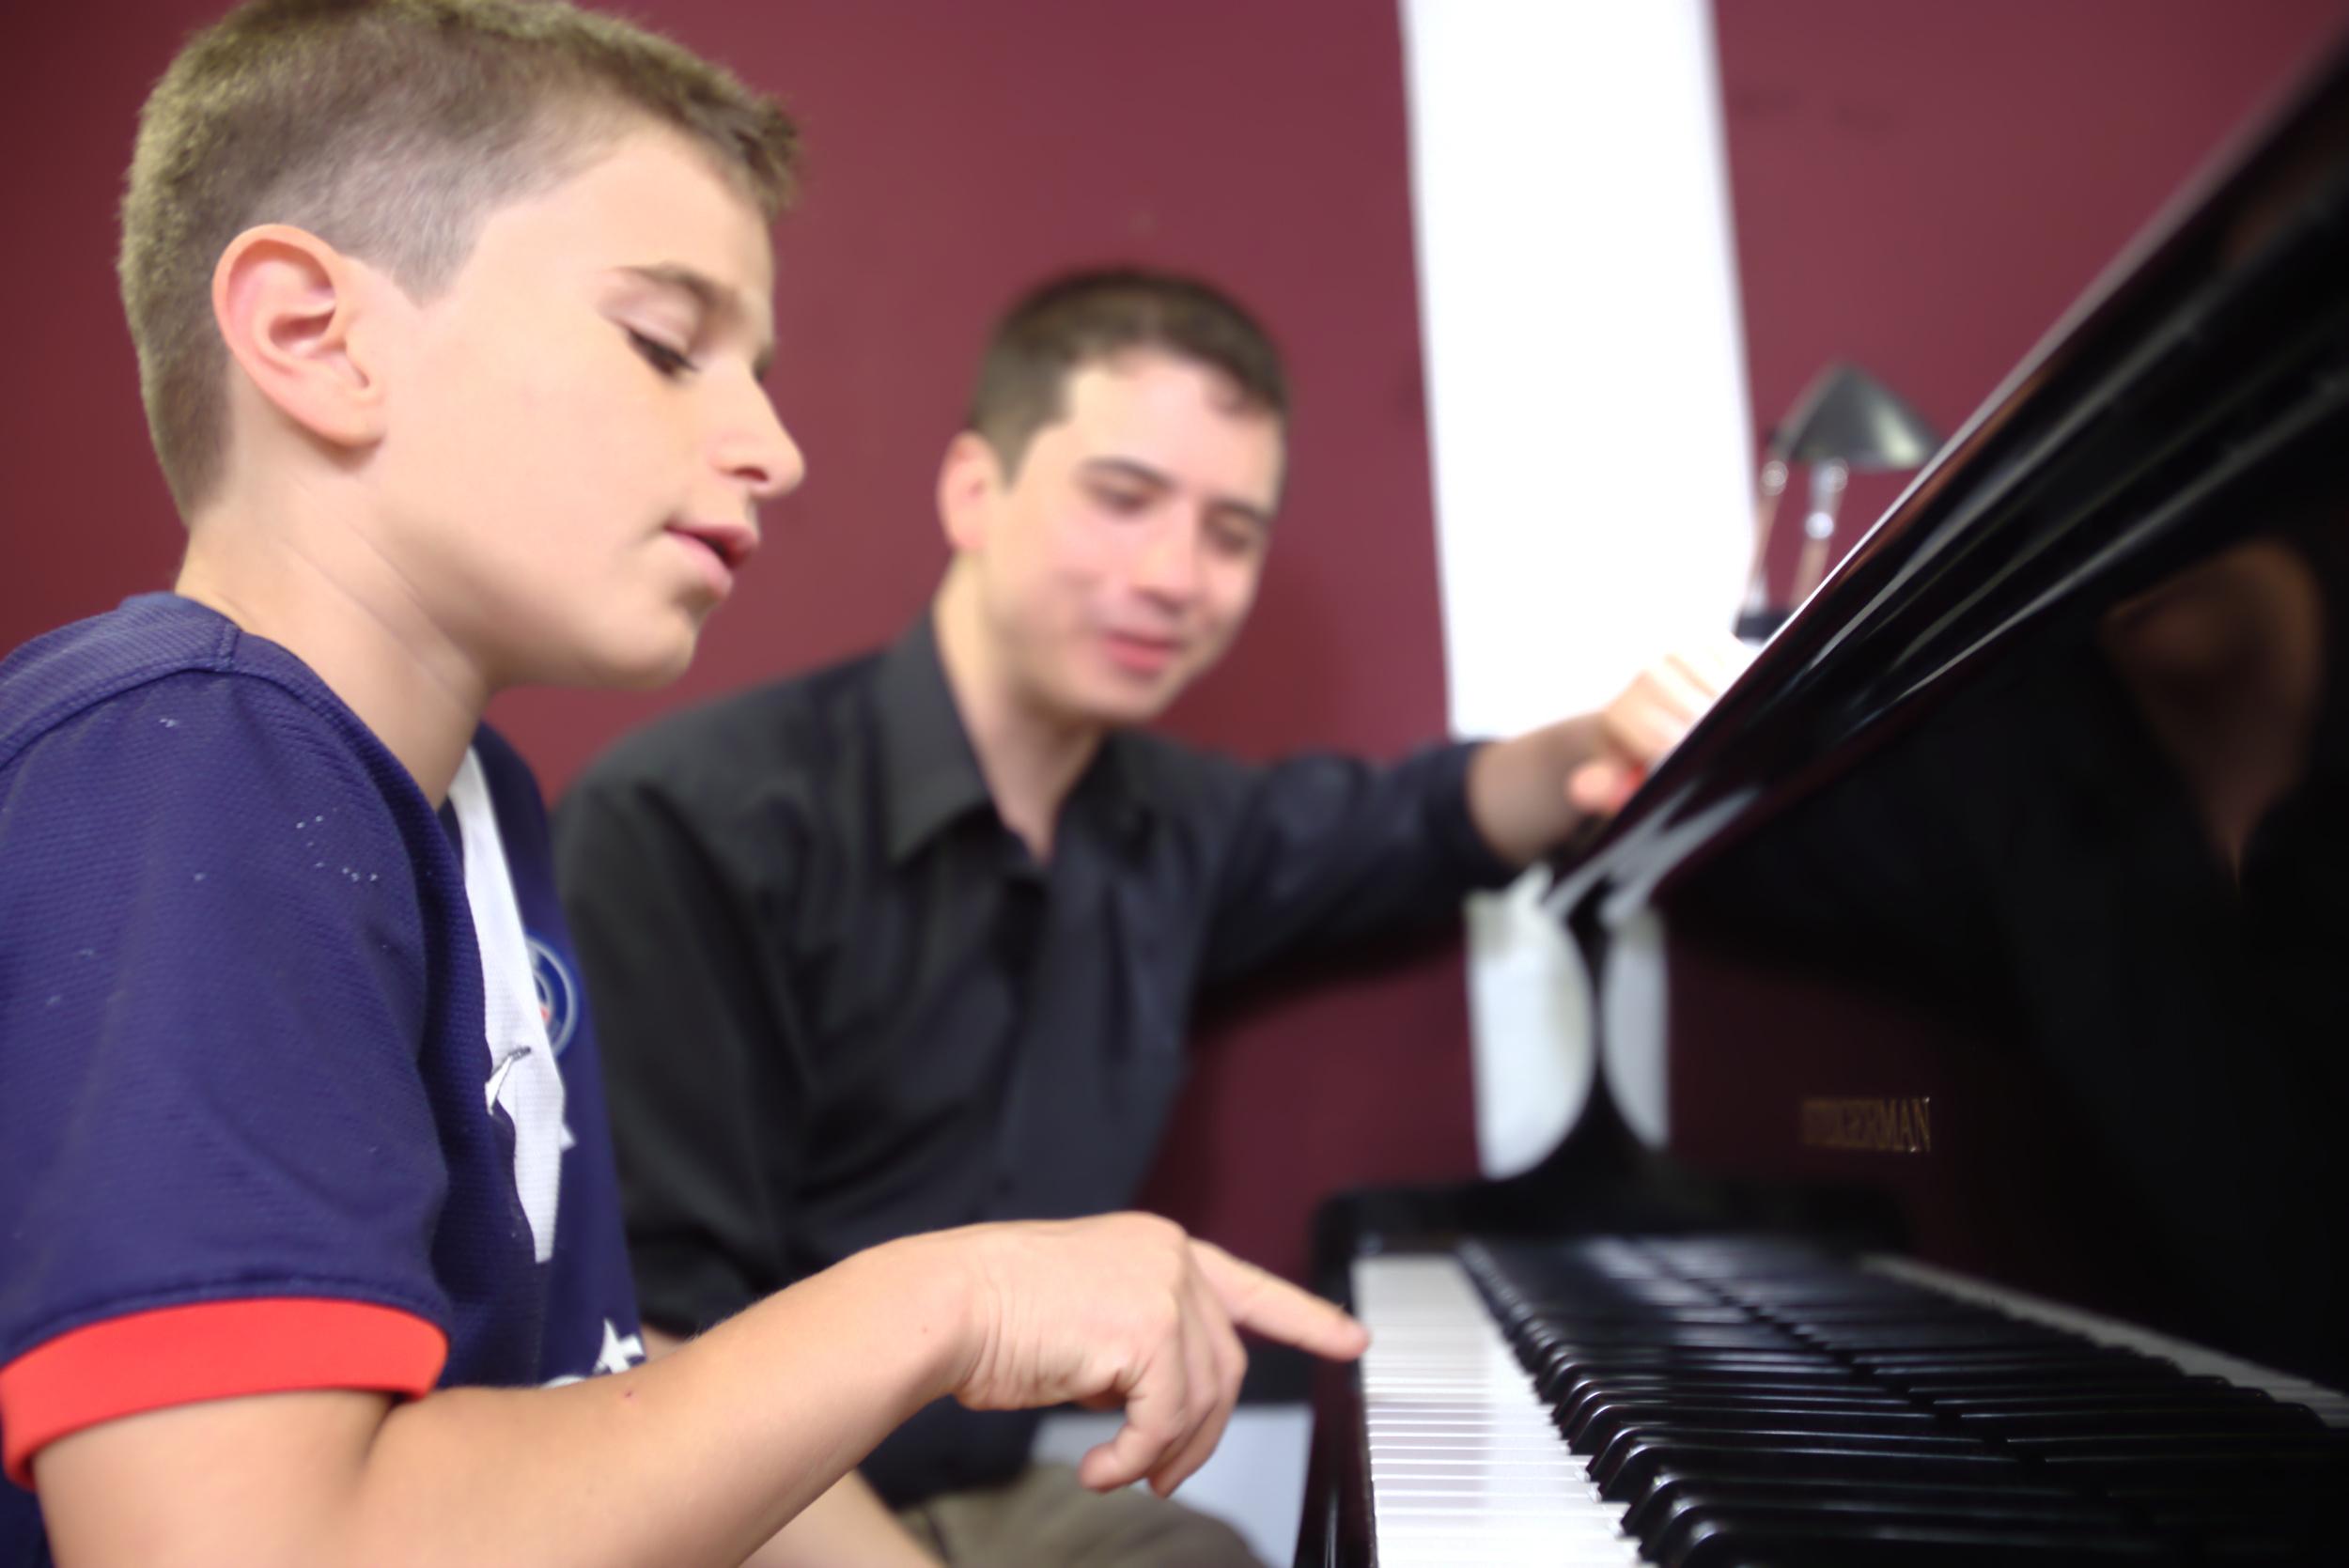 Dr. Ben au piano, donnant un cours à un de ses élèves juniors au Chapman Piano Studio, NDG, Montreal.Photo Credit. Yuuki Omori 2014.